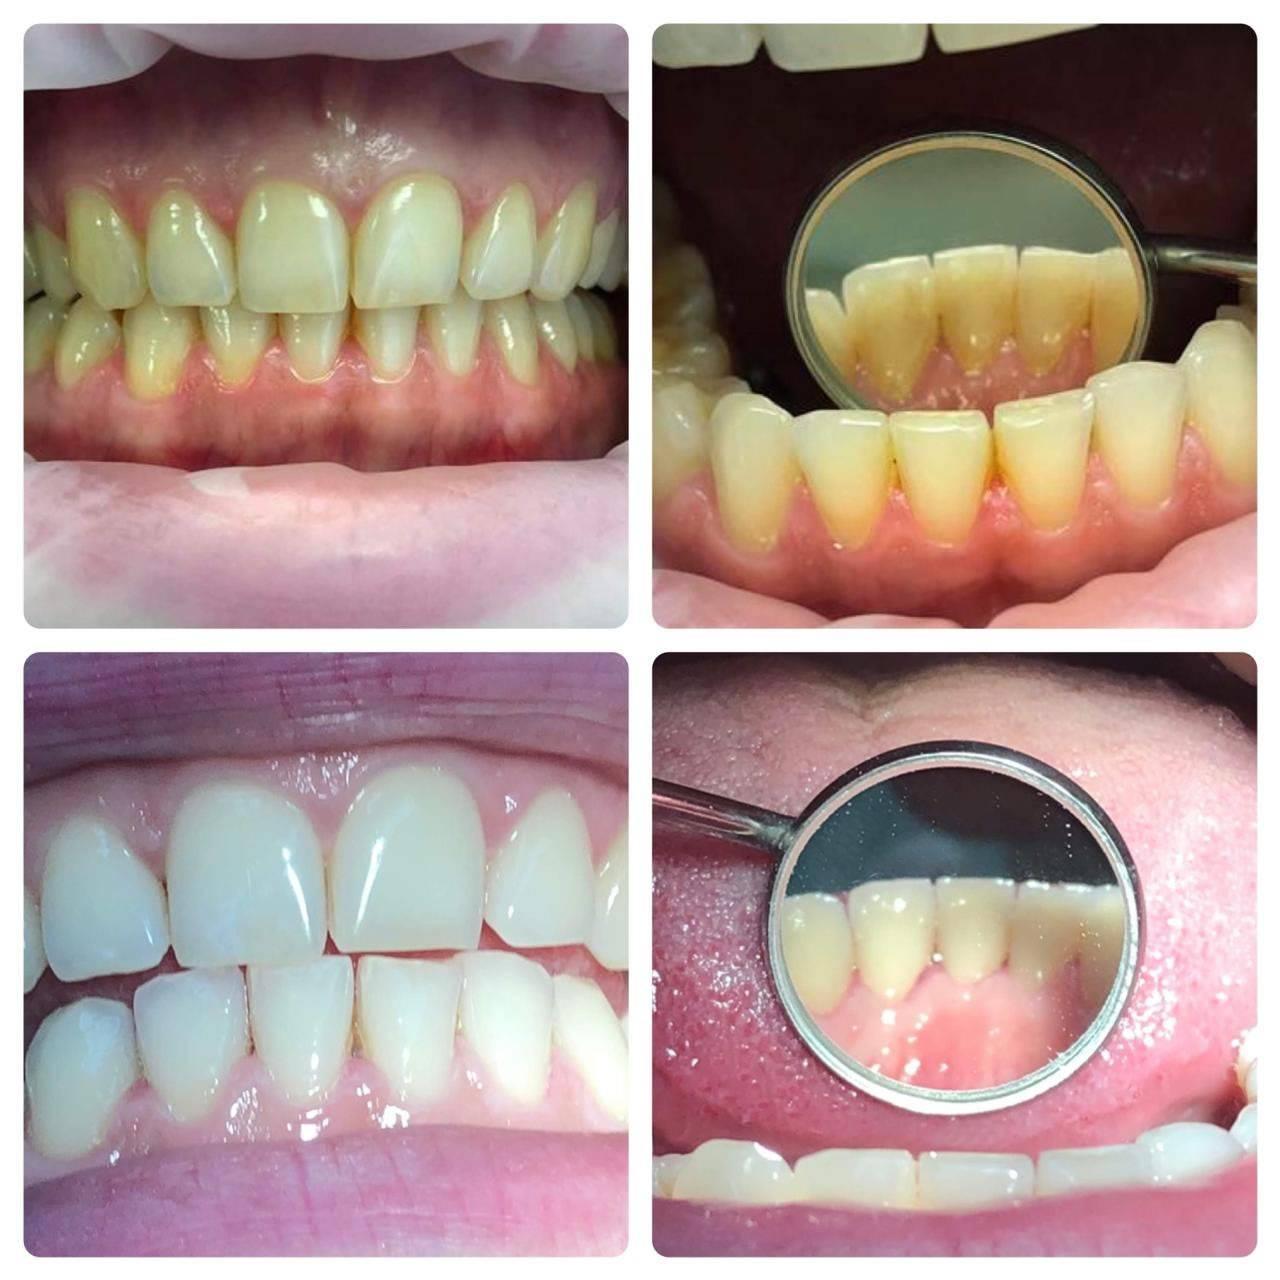 Профессиональная чистка зубов: показания, противопоказания, методики